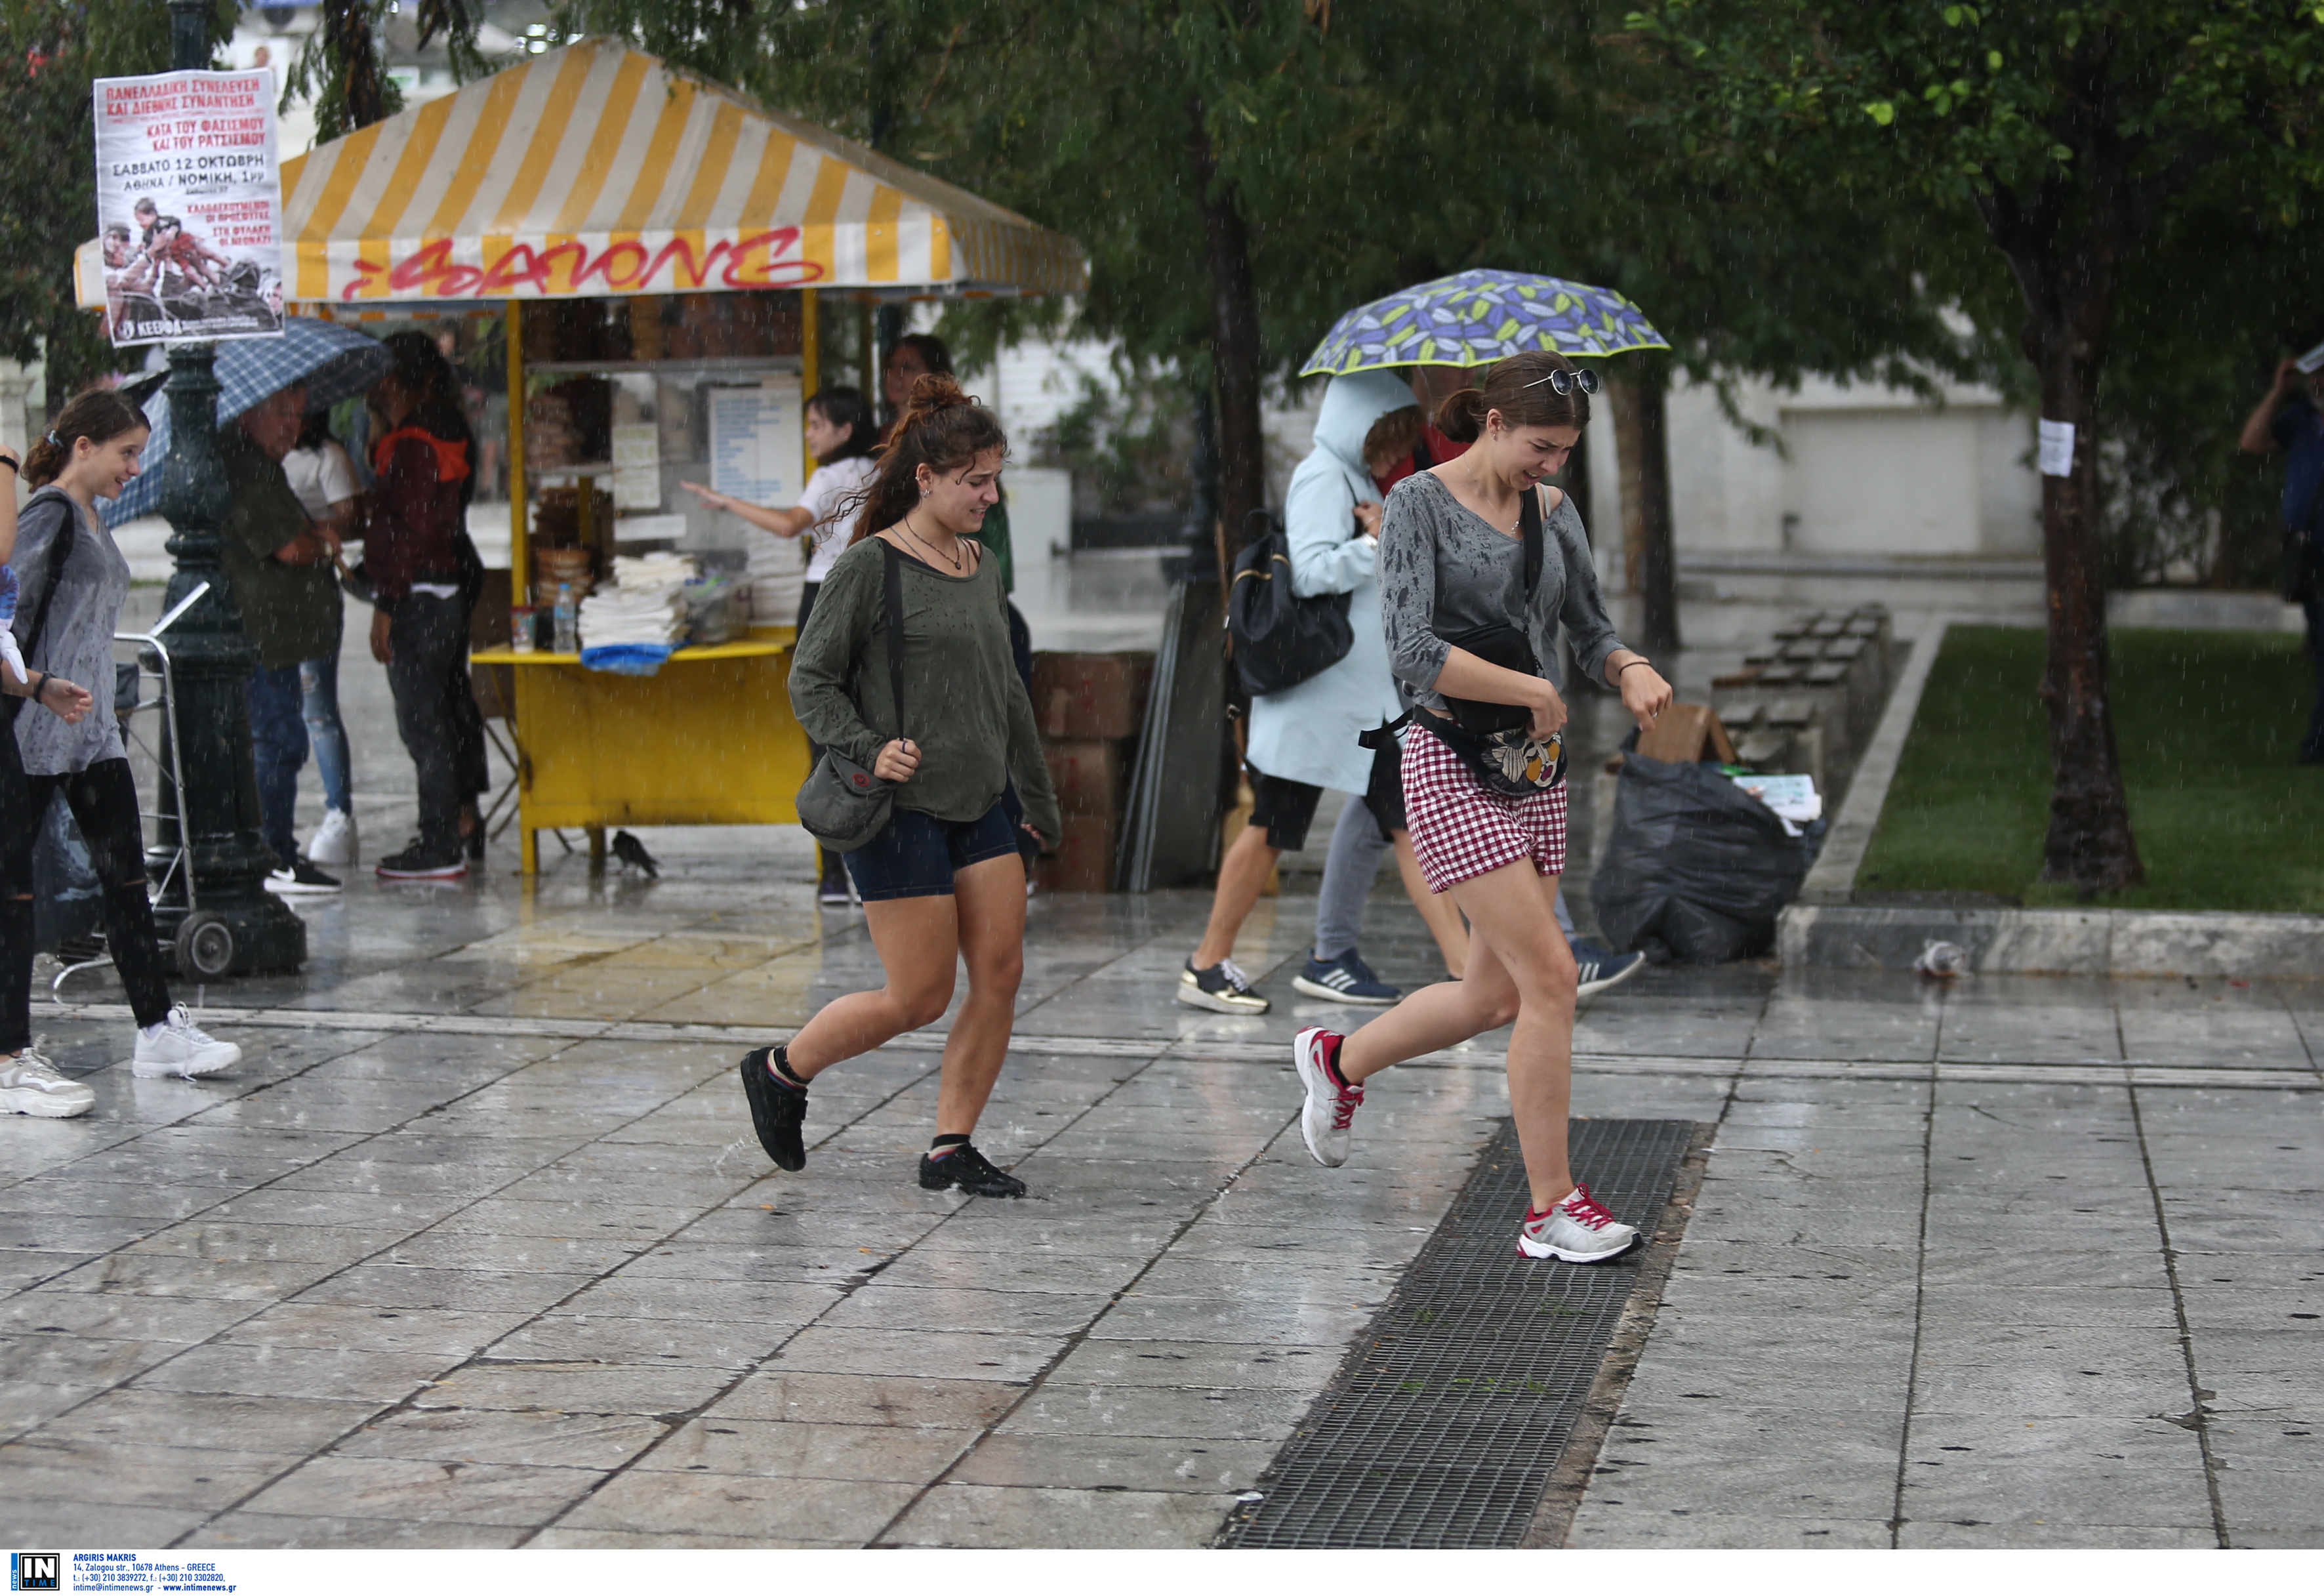 Καιρός αύριο: Βροχερό Σάββατο με καταιγίδες και υψηλές θερμοκρασίες